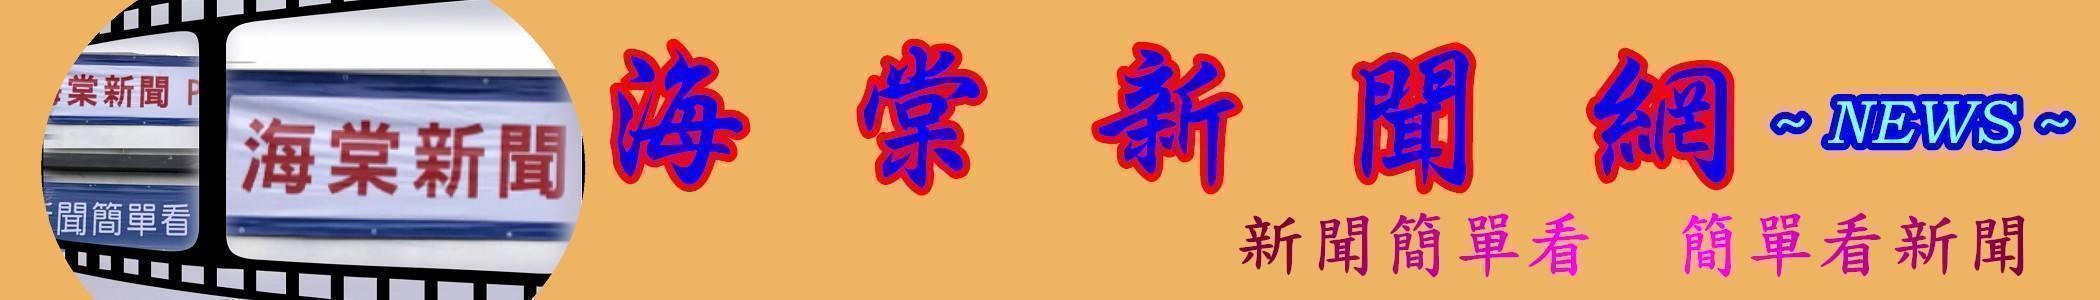 海棠新聞網